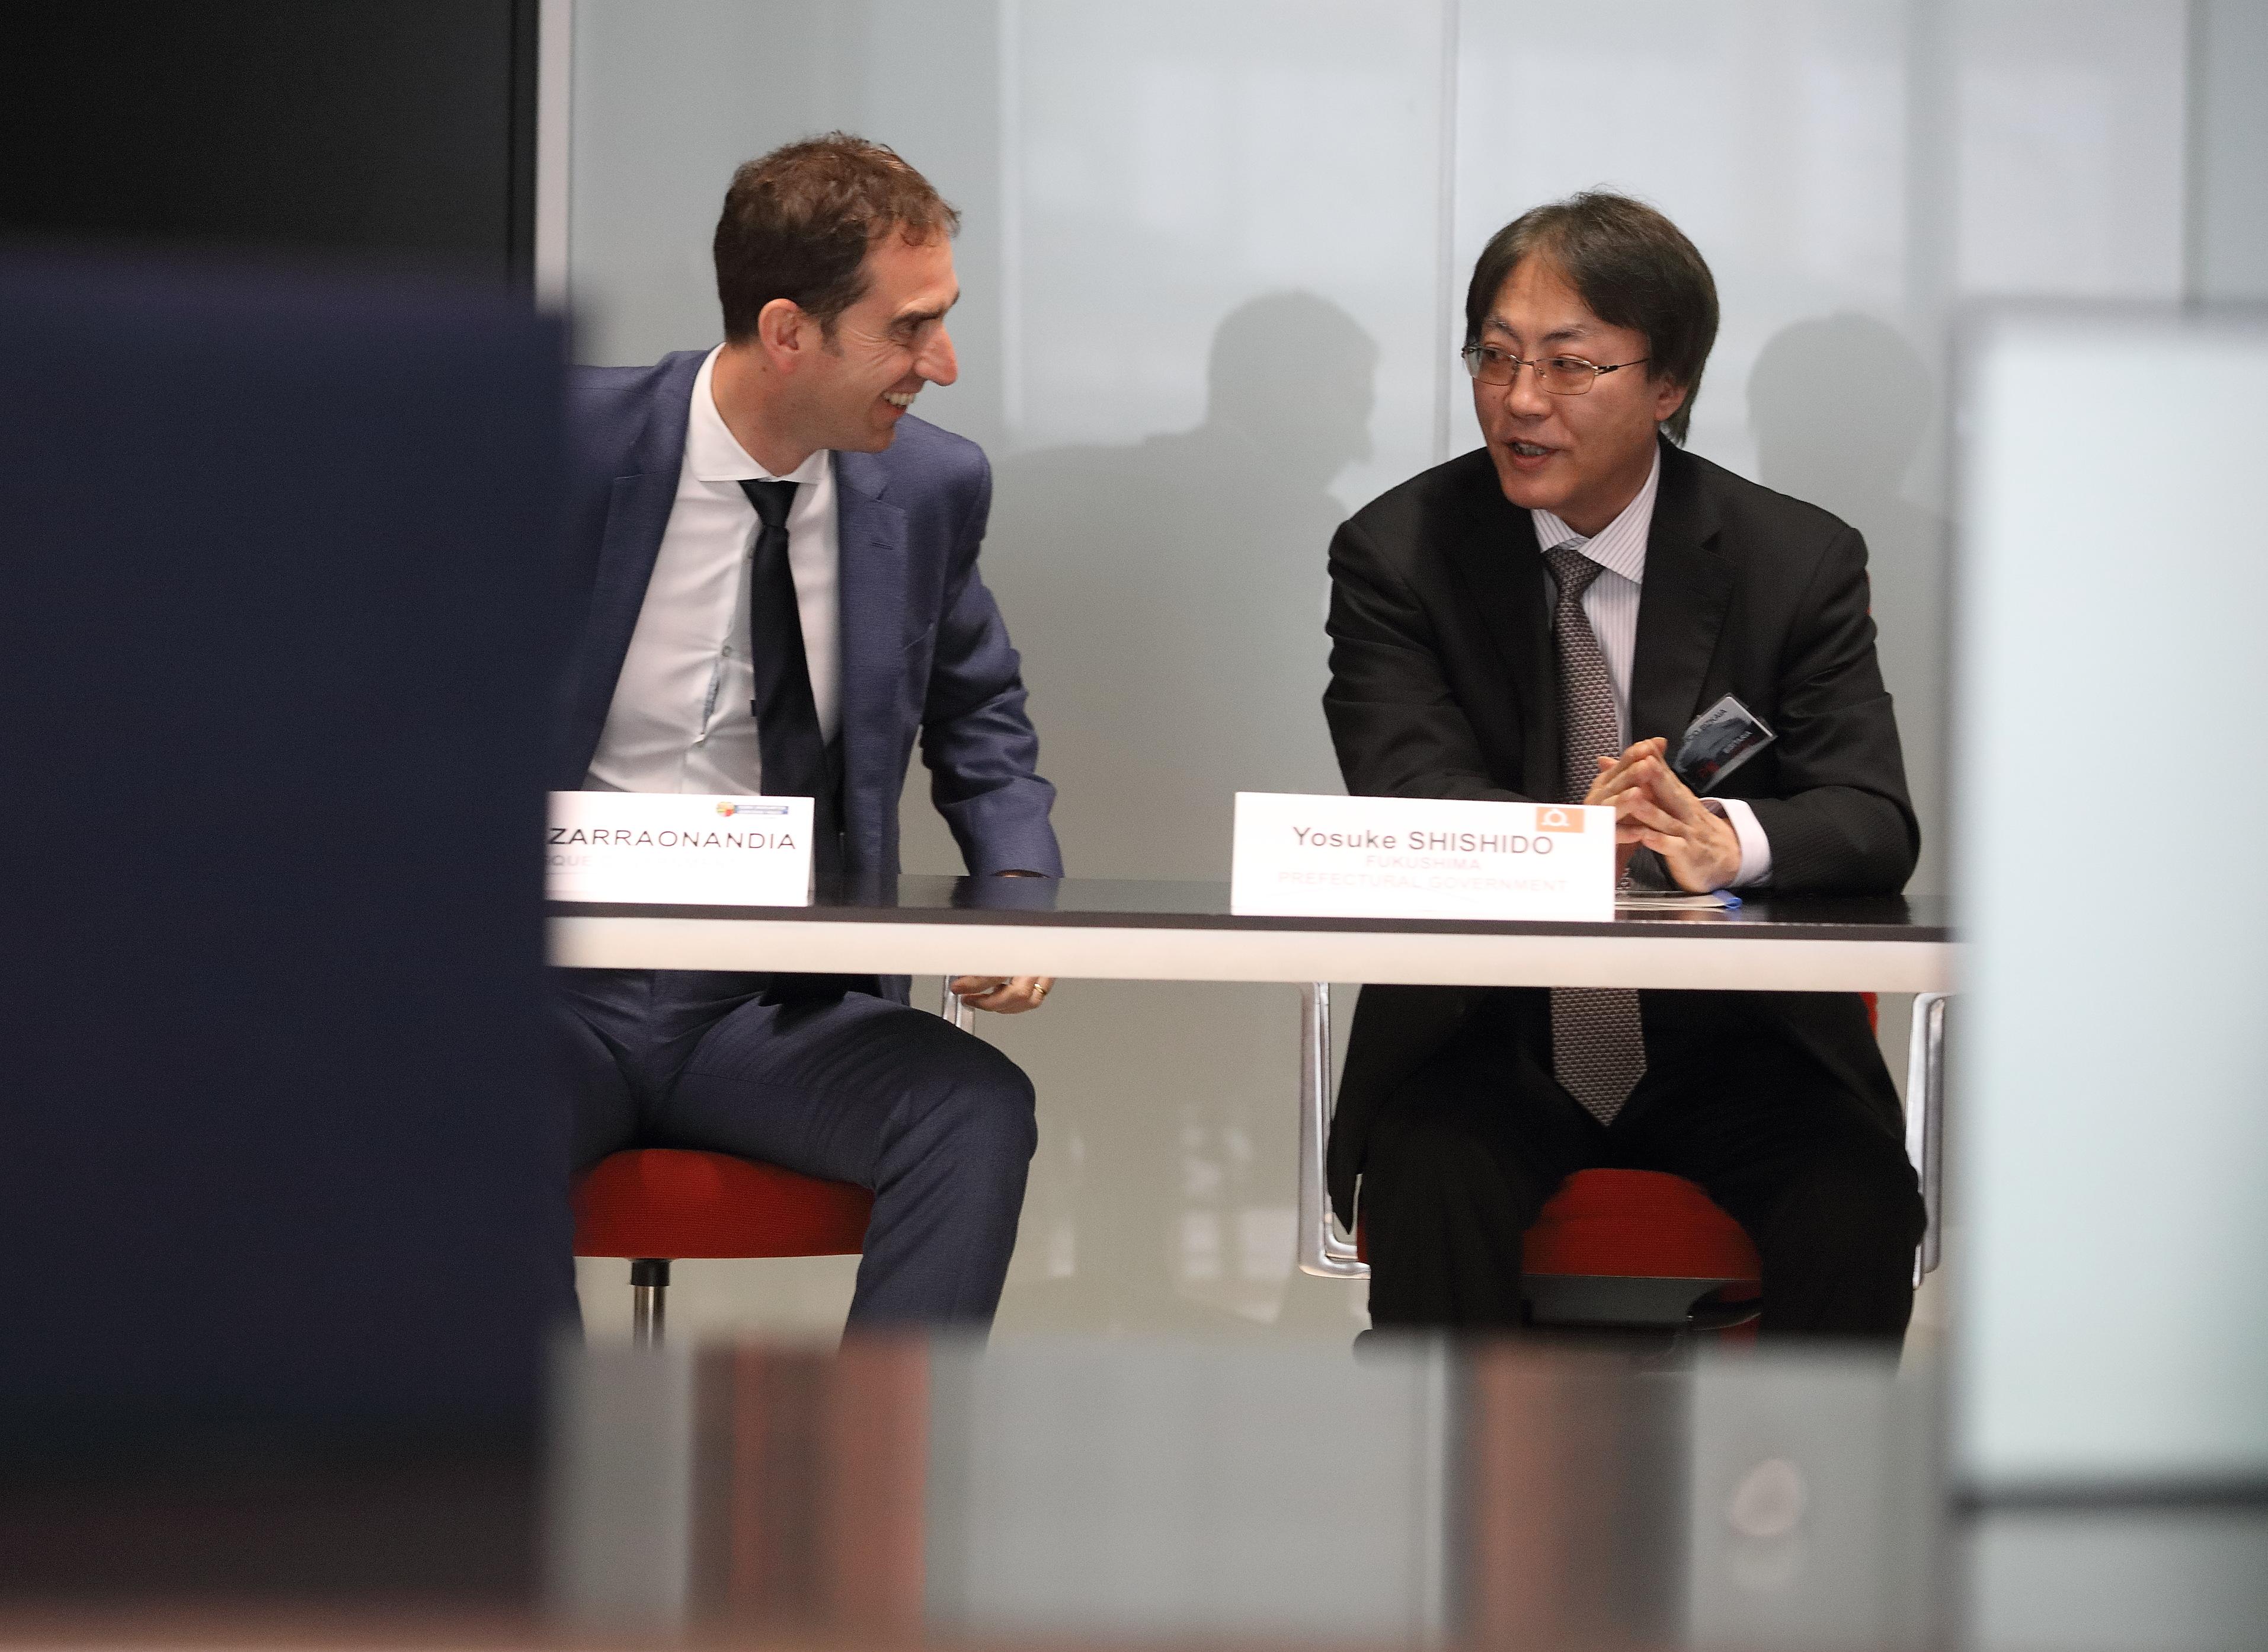 Acuerdo_Fukusima_003.JPG